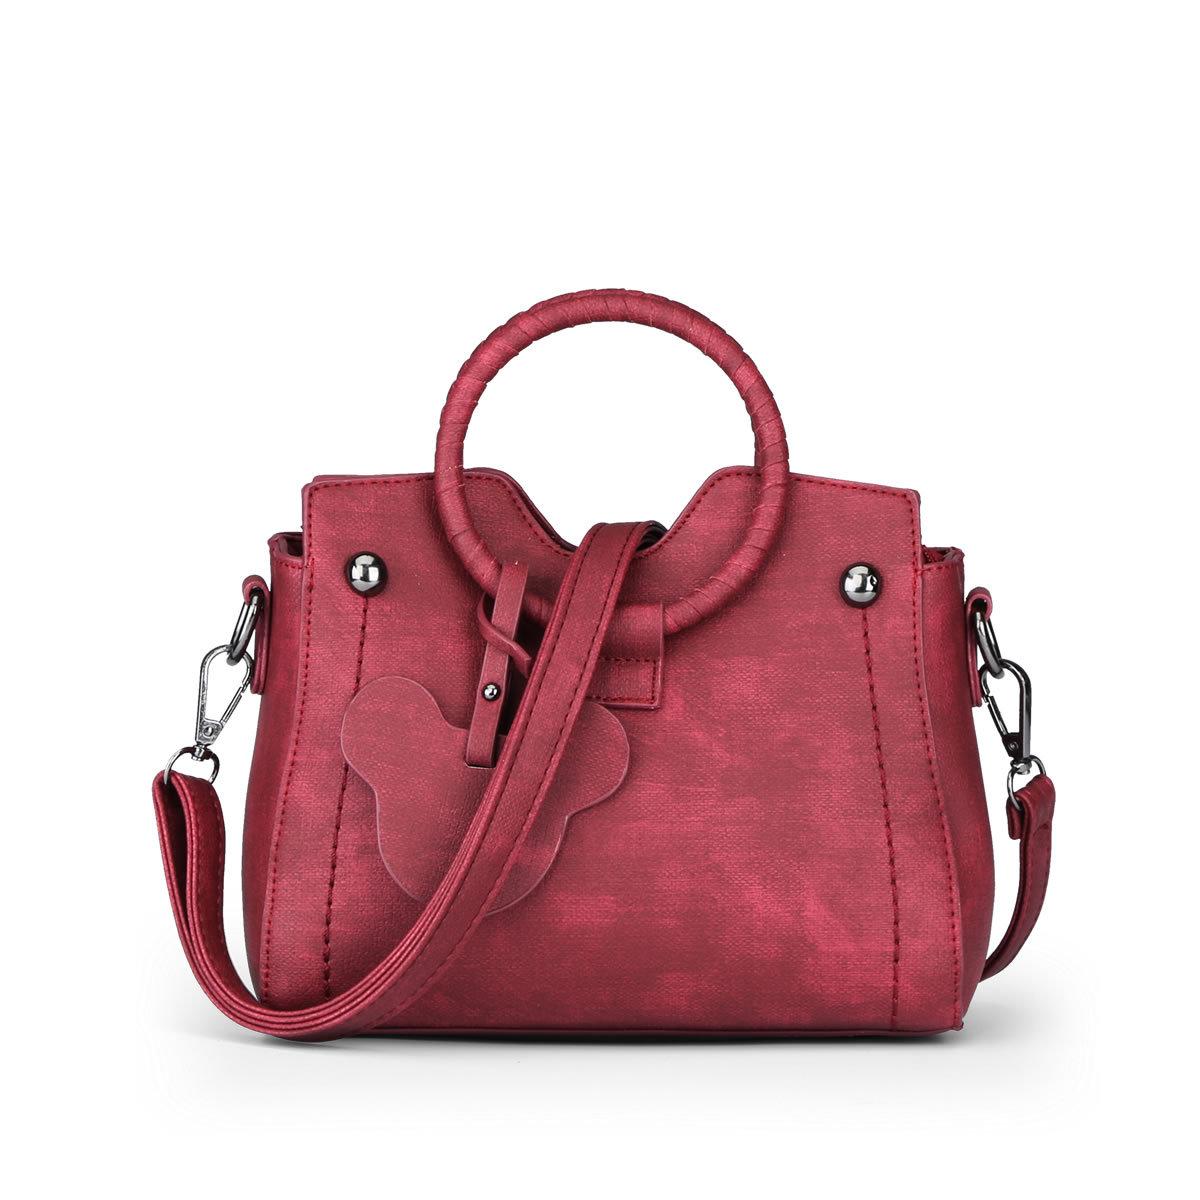 ขายส่งกระเป๋าสะพายไหล่และกระเป๋าถือ ใบเล็ก หูโค้งจับ แฟชั่นเกาหลี Sunny-909 สีแดง